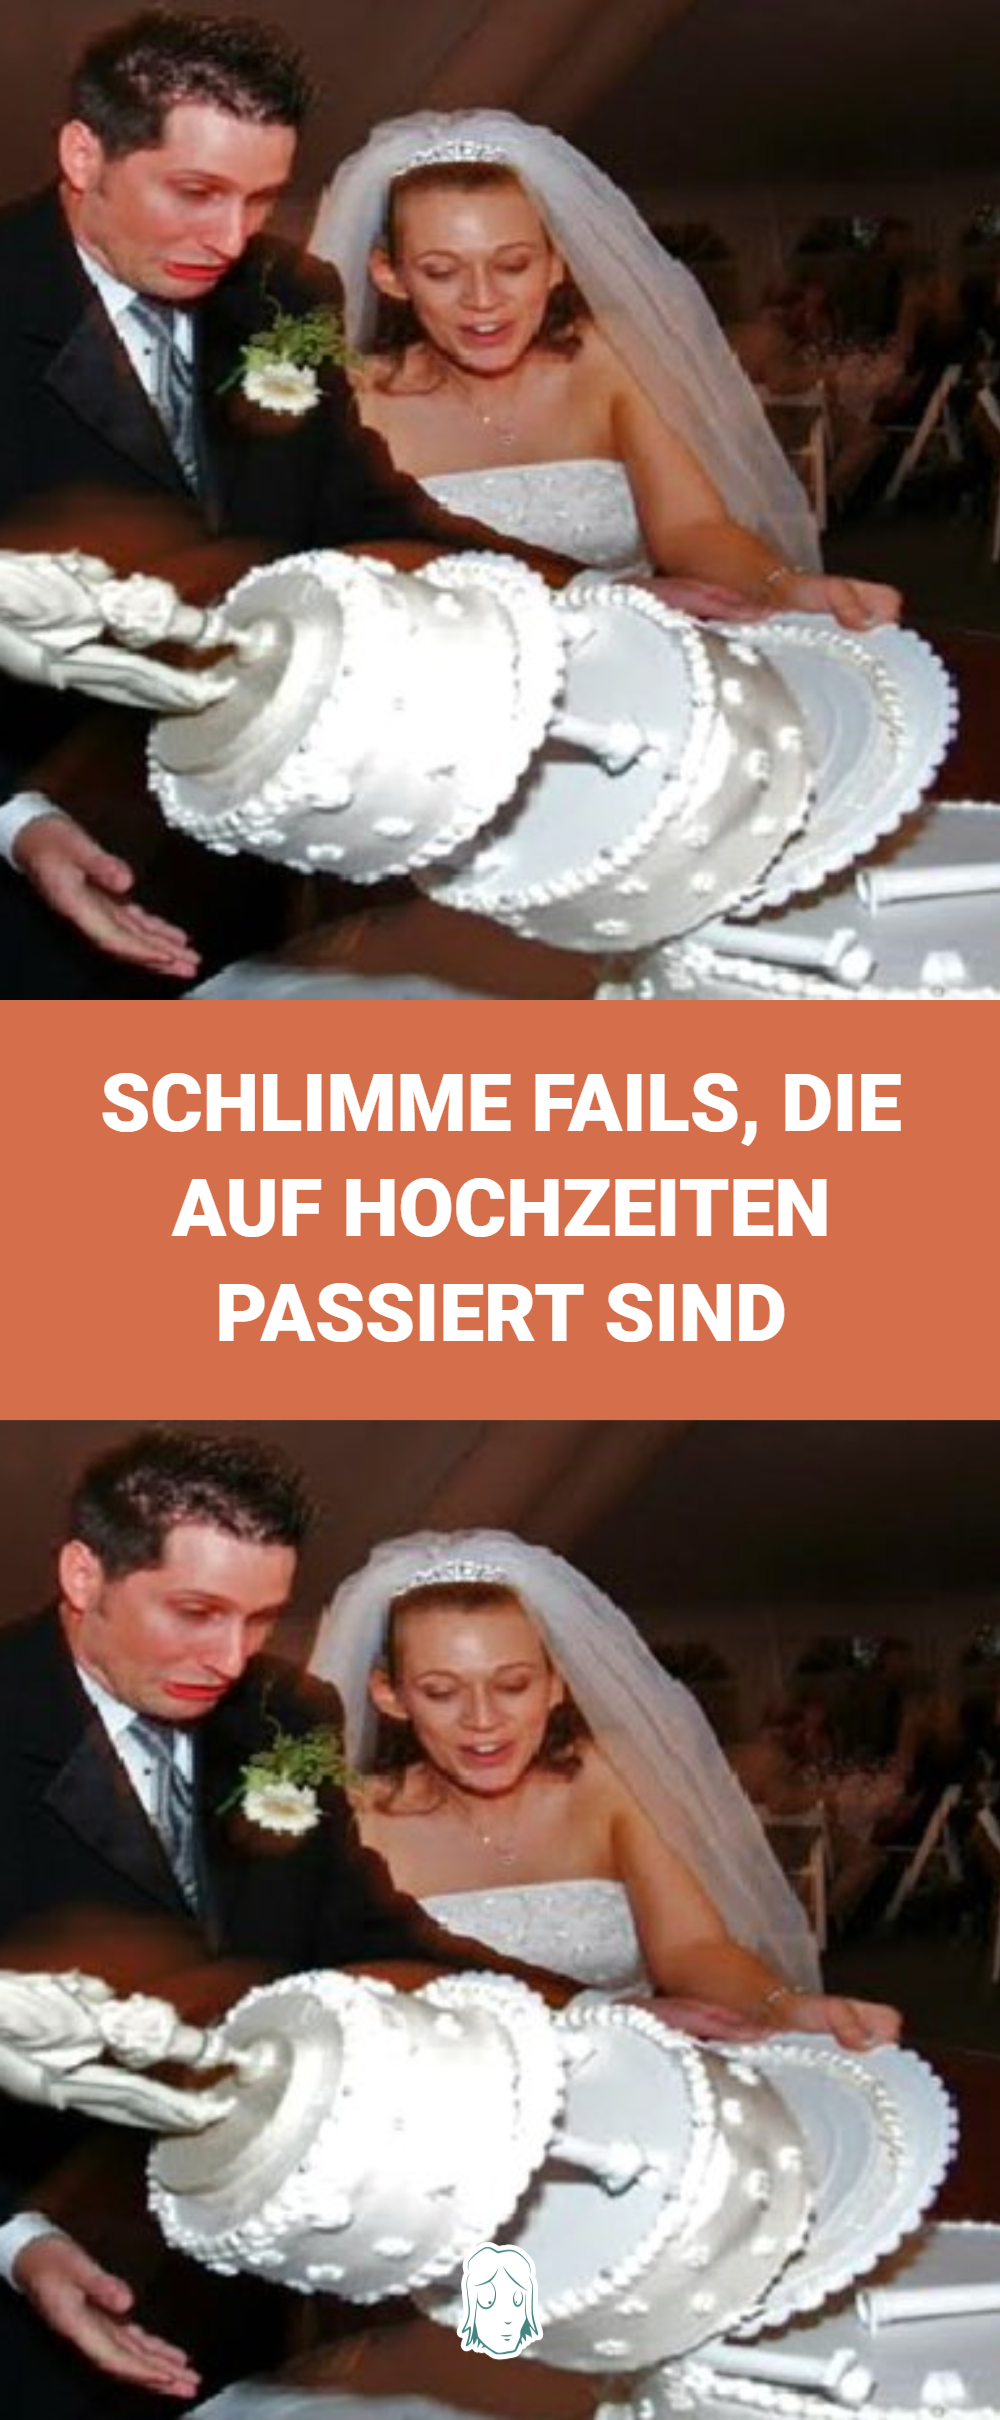 Schlimme Fails, die auf Hochzeiten passiert sind